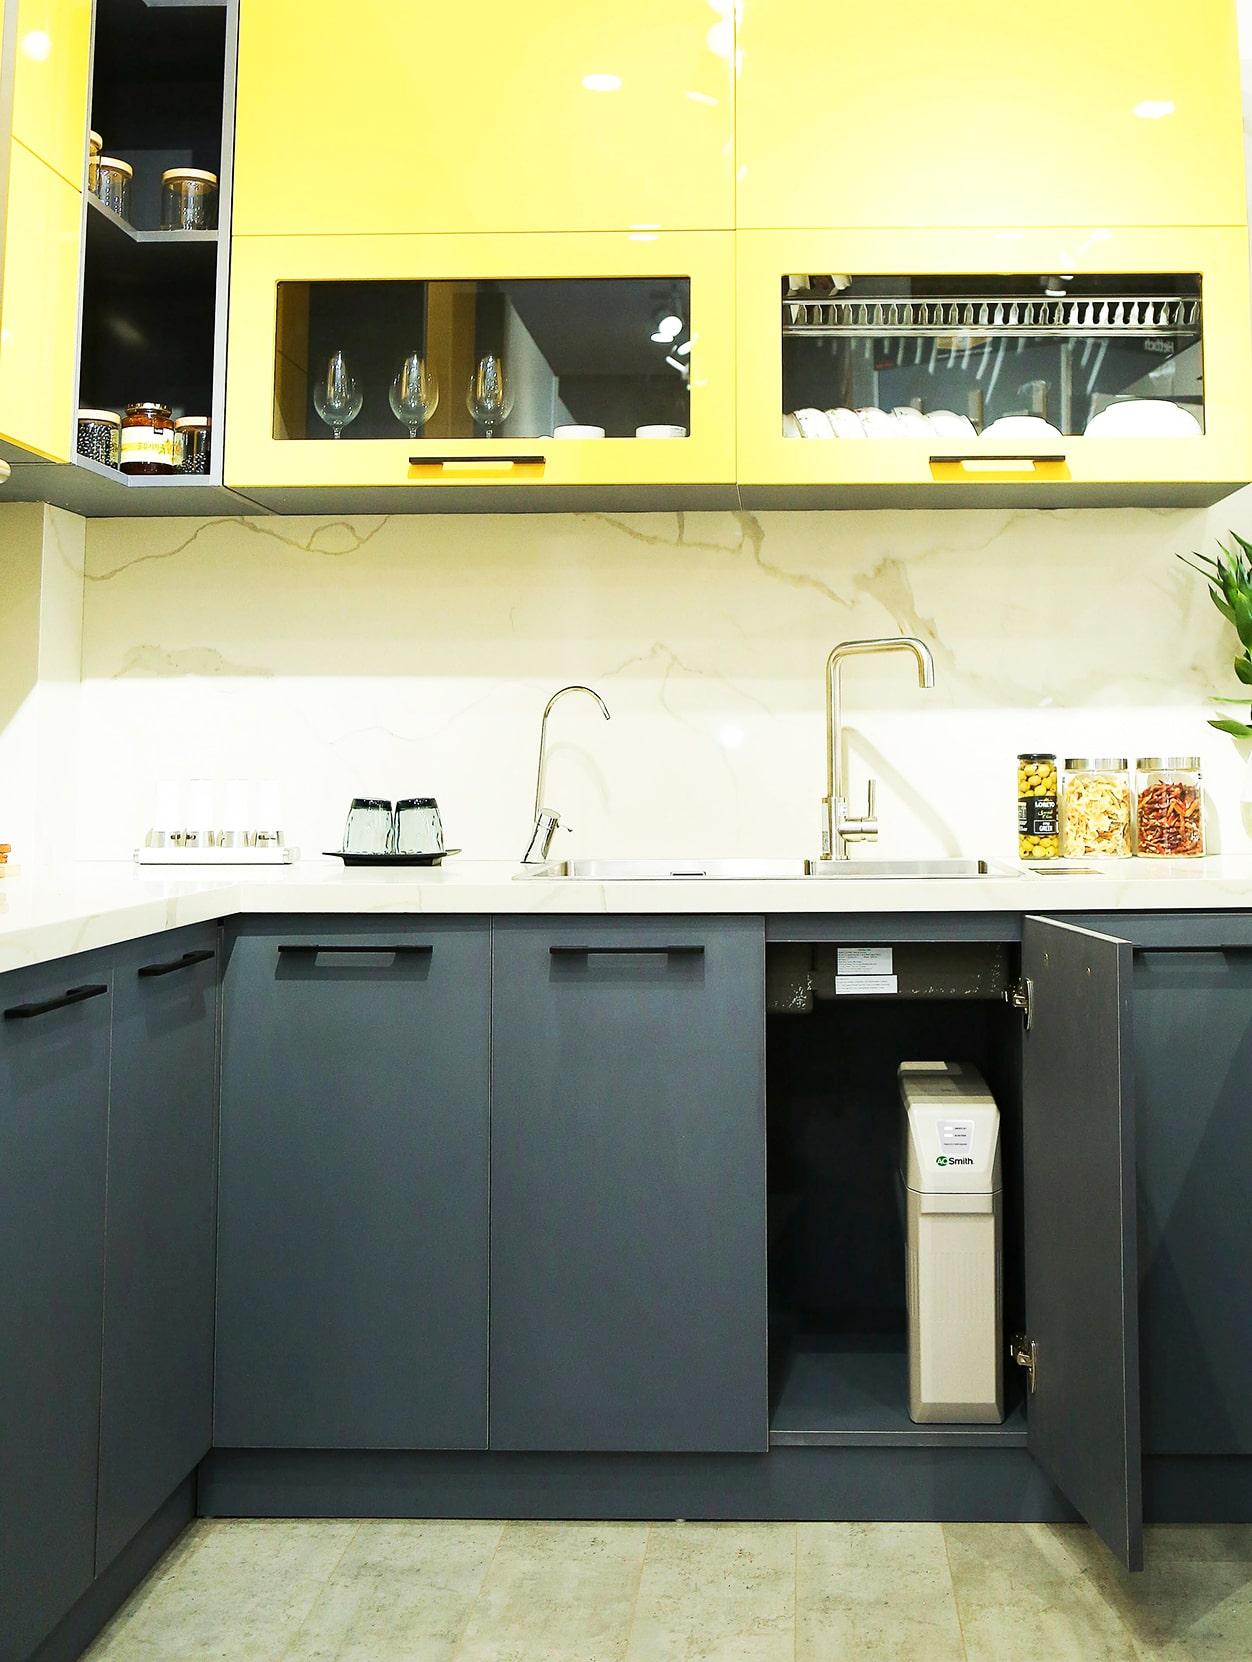 Hình ảnh thực tế máy lọc nước AoSmith R400S đã được lắp đặt hoàn chỉnh